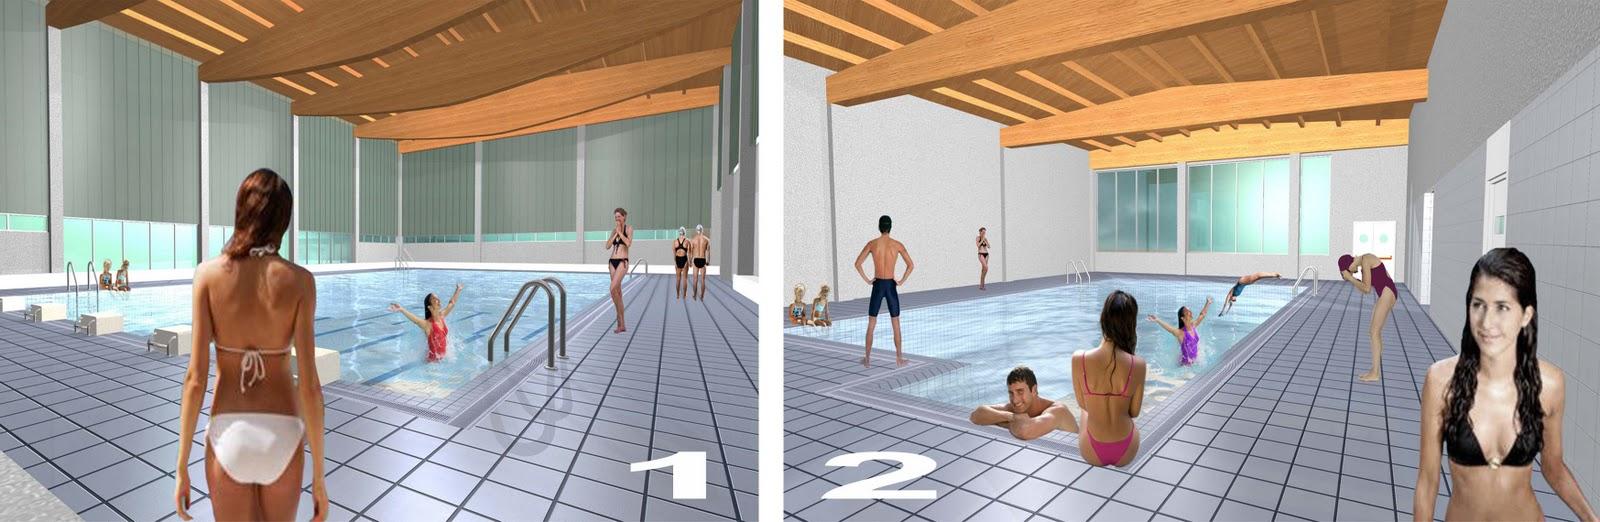 Concurso piscinas cubiertas alag n zaragoza cruz for Piscinas cubiertas municipales zaragoza